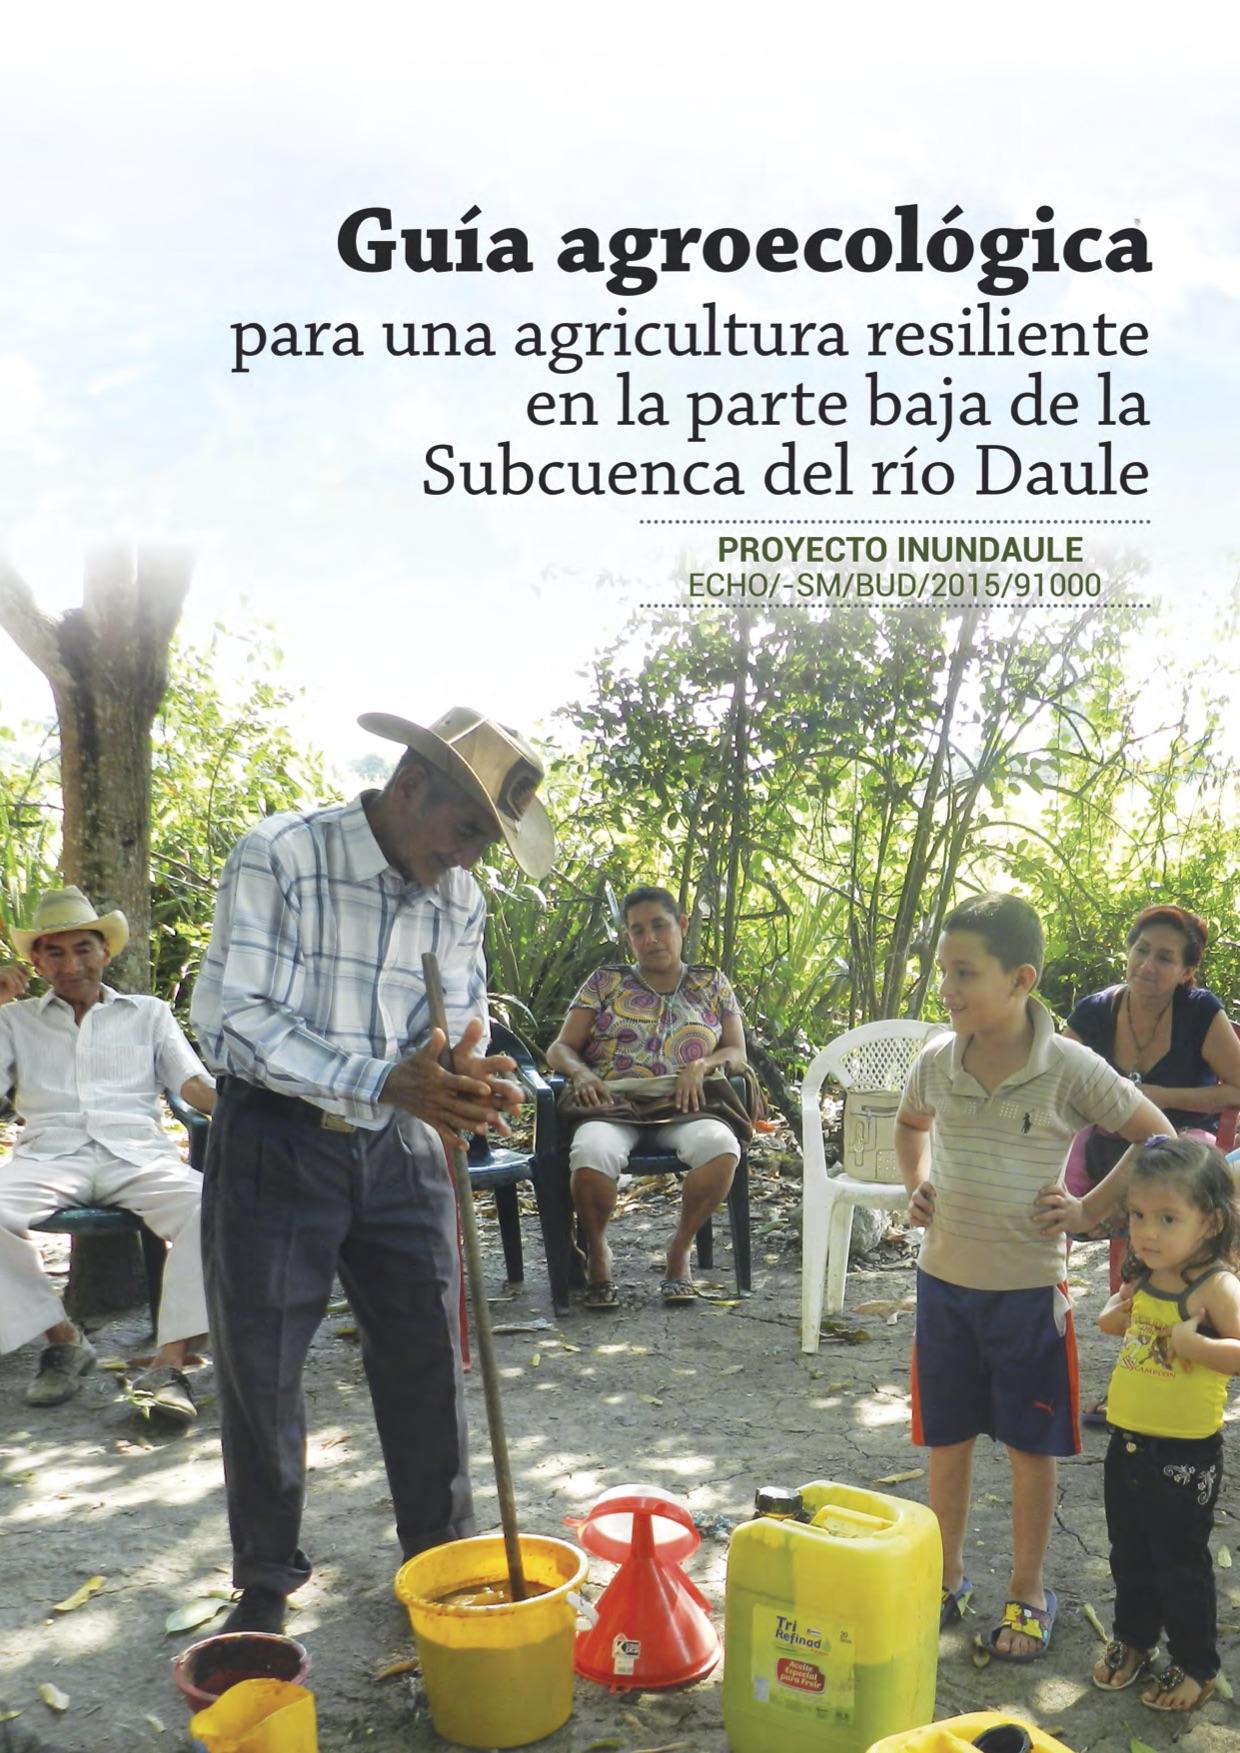 Guía agroecológica para una agricultura resiliente en la parte baja de la Subcuenca del río Daule  Image principale